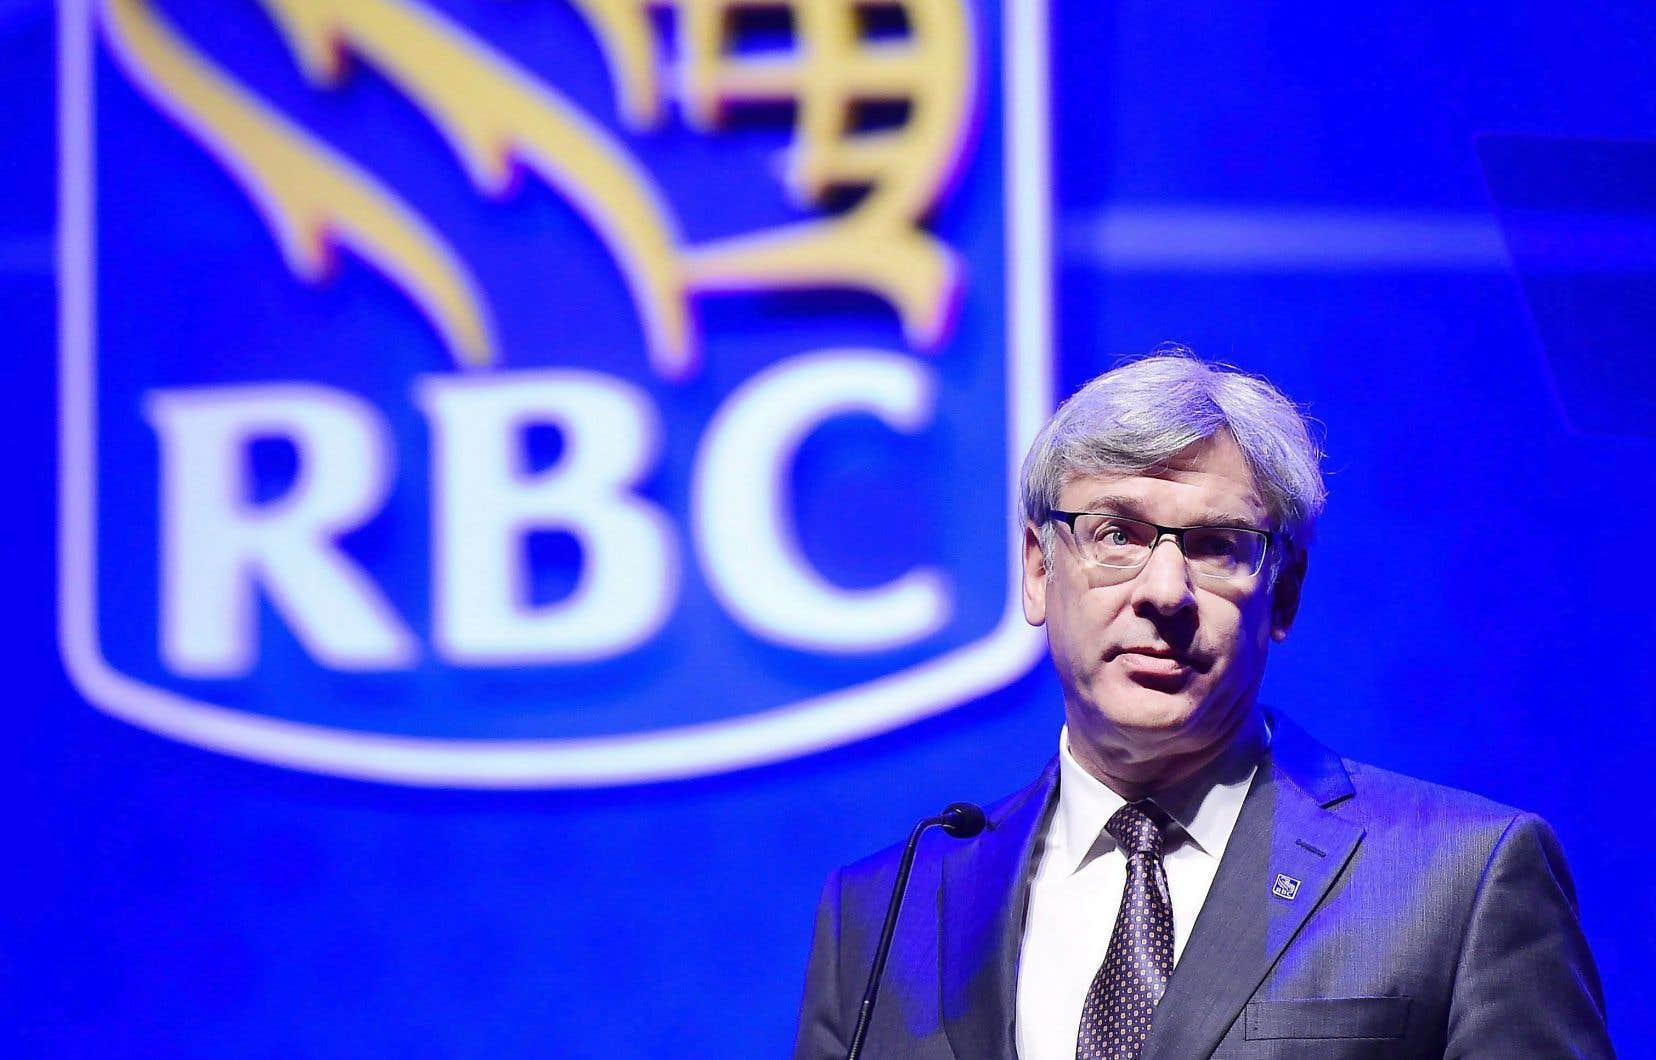 Le président et chef de la direction de la Banque Royale, Dave McKay, a qualifié, jeudi, le changement climatique de «menace existentielle» et jugé qu'il s'agissait du «problème le plus pressant de notre époque».